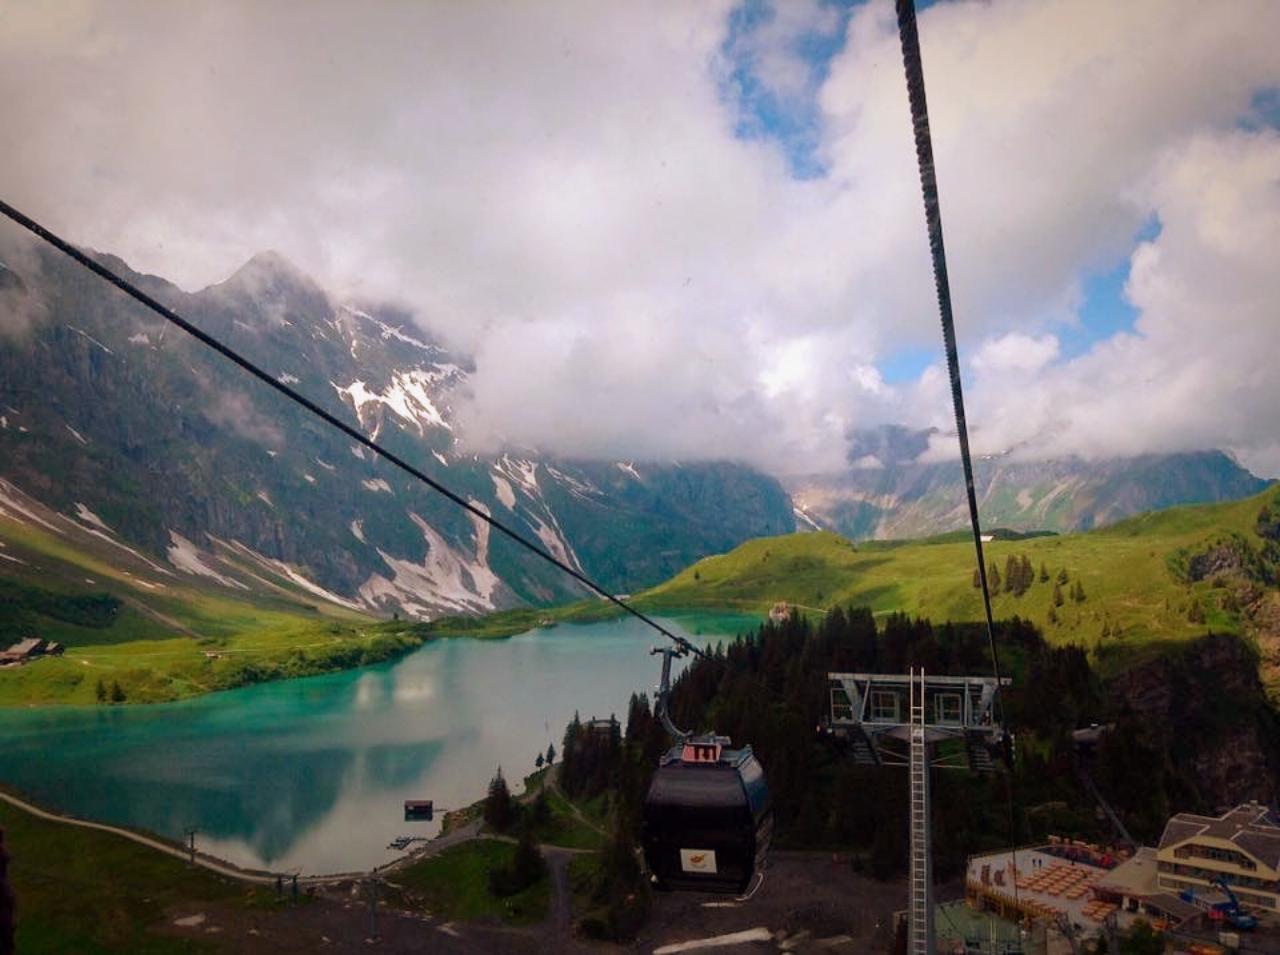 Switzerland Lake view